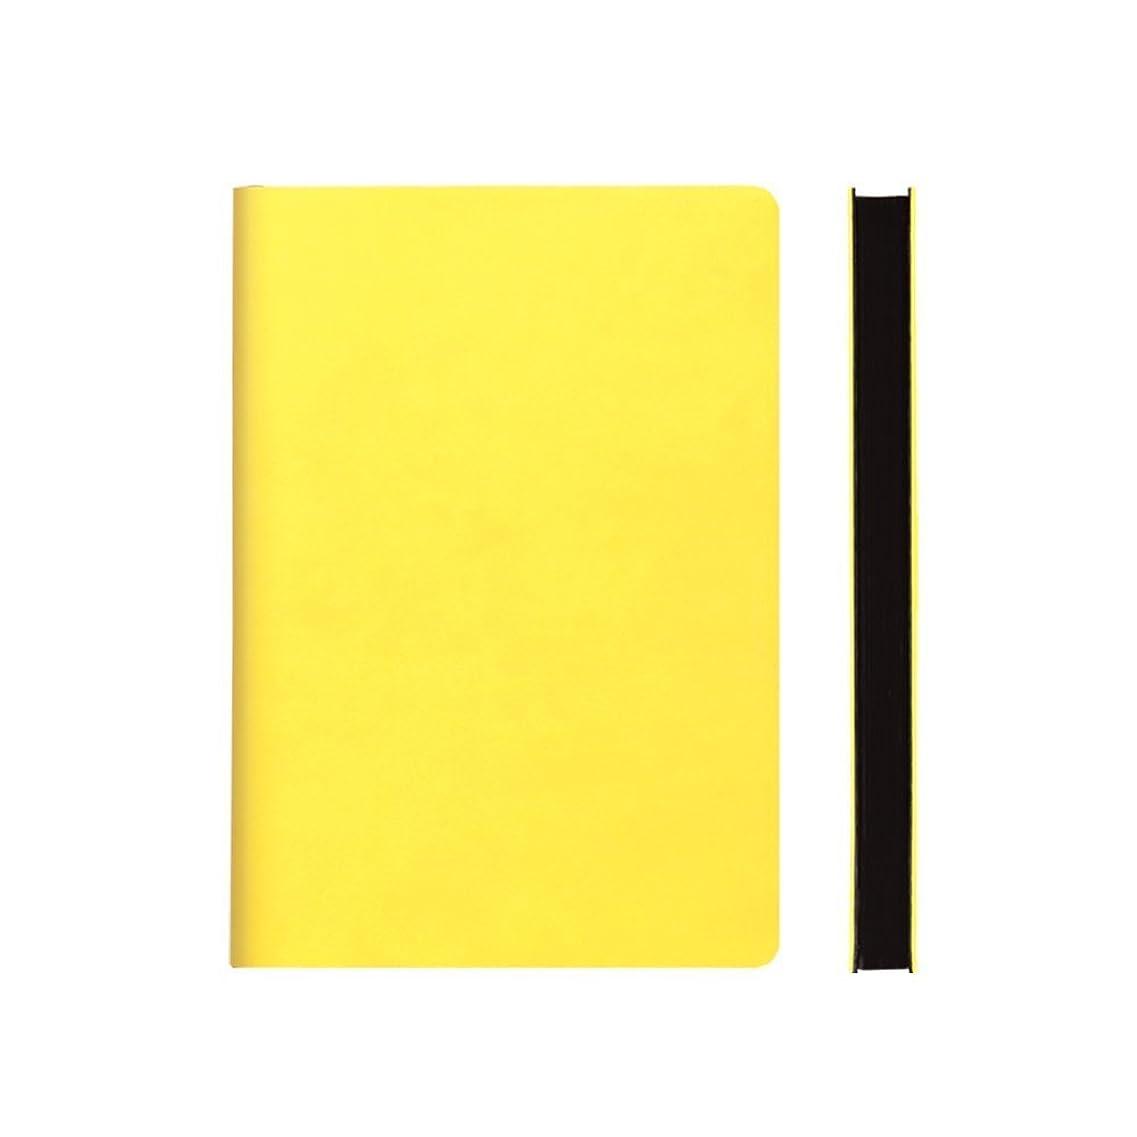 ダイゴー ノート Signature Notebook A6 Yellow N76174 【まとめ買い2冊セット】